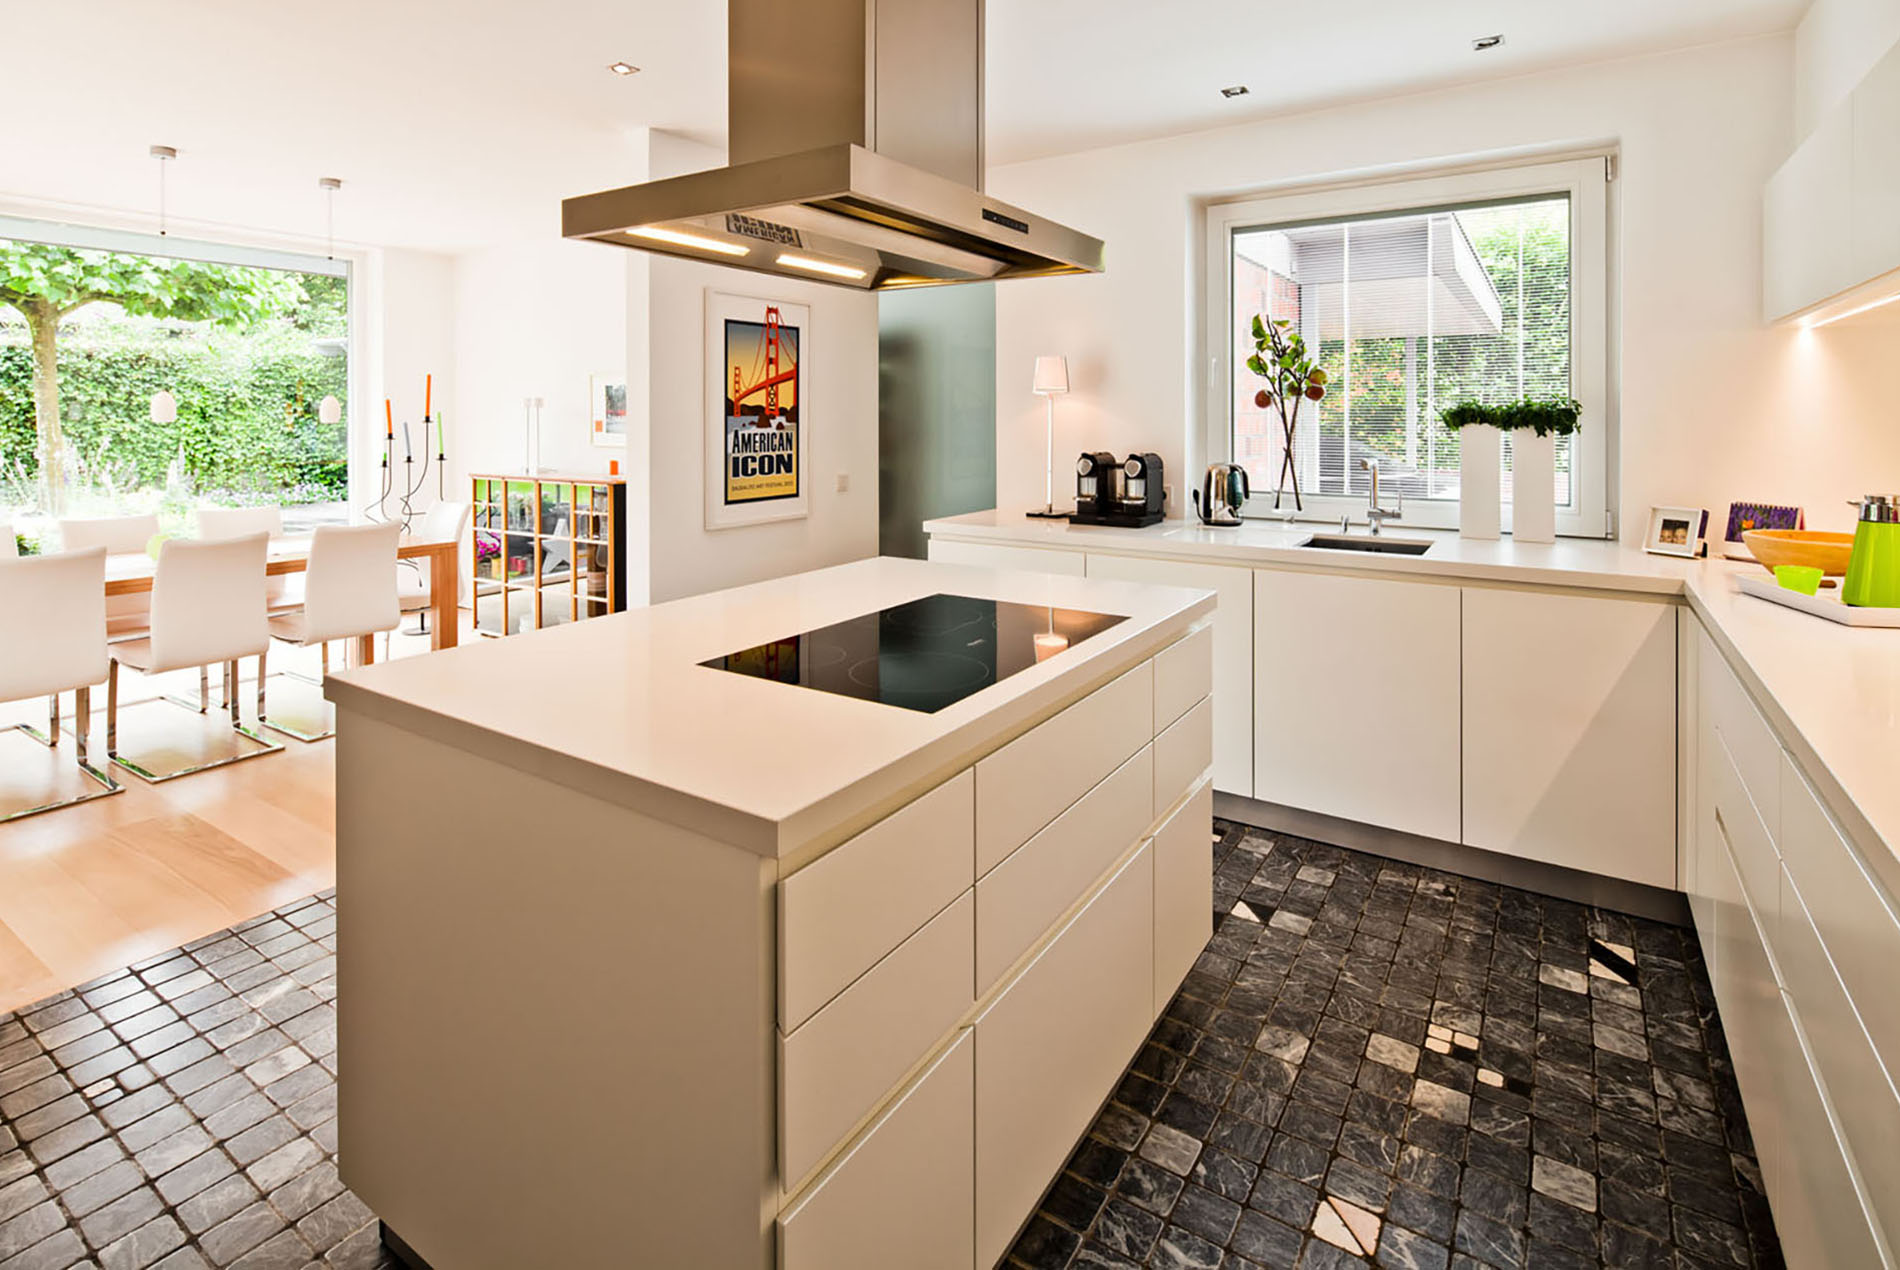 Moderne, helle Küche mit Kochinsel - Tischlerei Schöpker